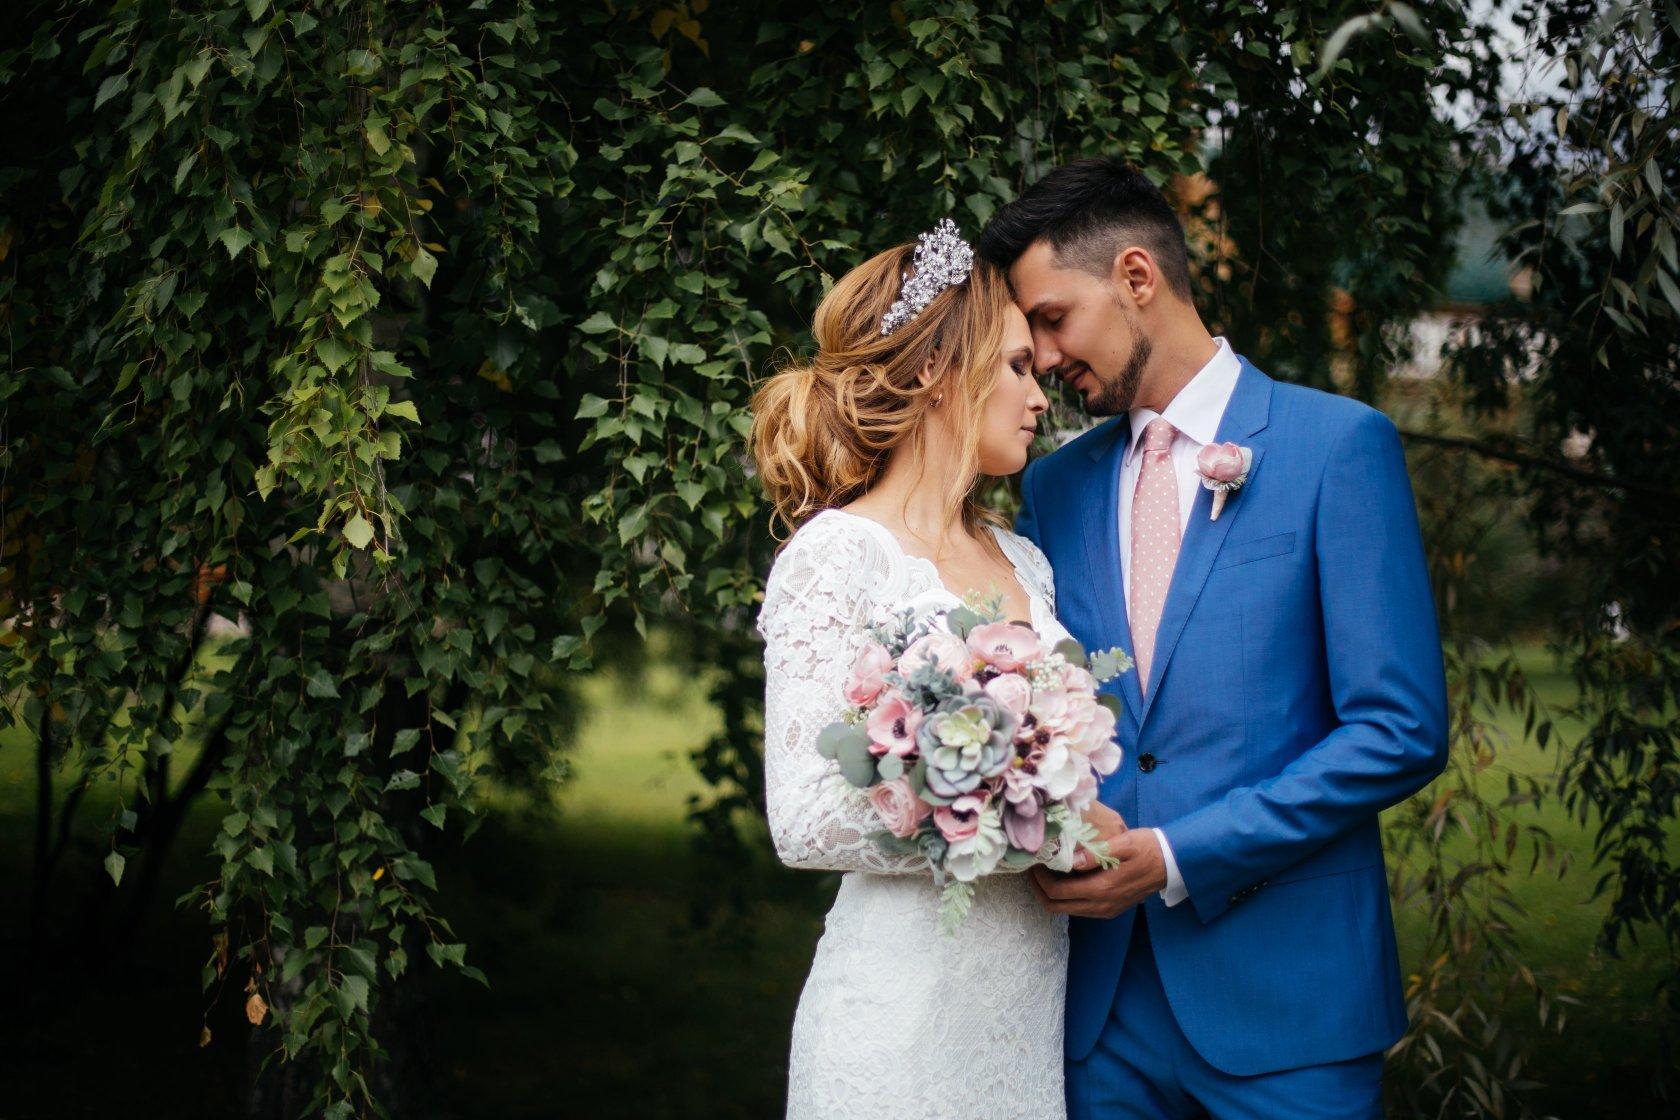 Фото и видеосъемка на свадьбу минск цены